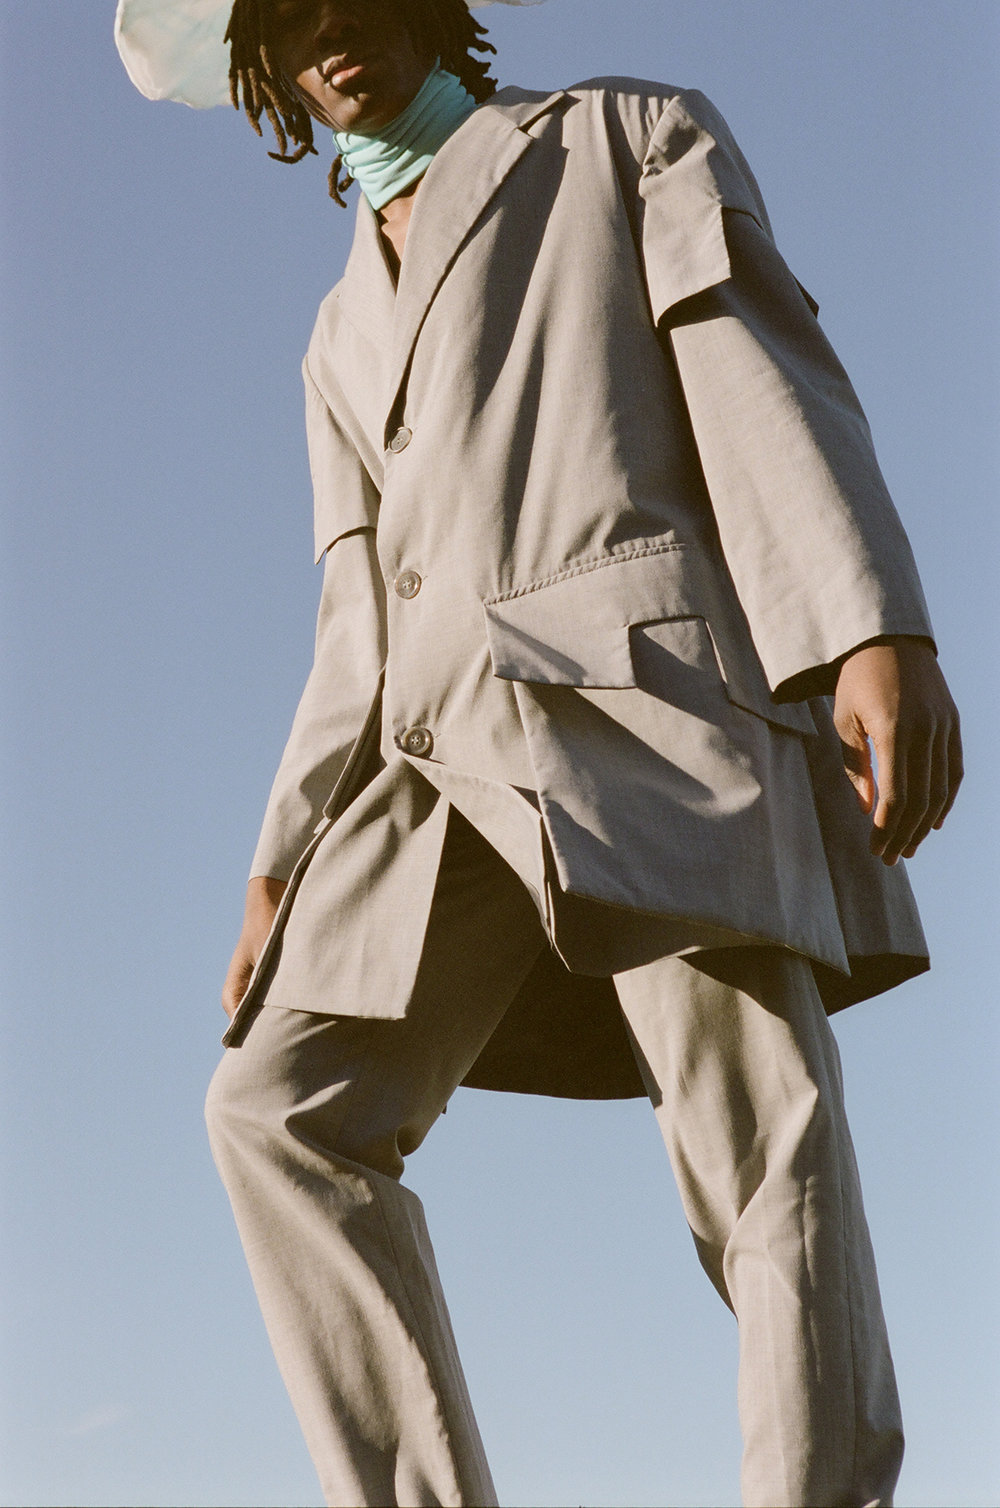 Hat  AMANDA VARHAUGVIK     Jacket and Trousers  NAND